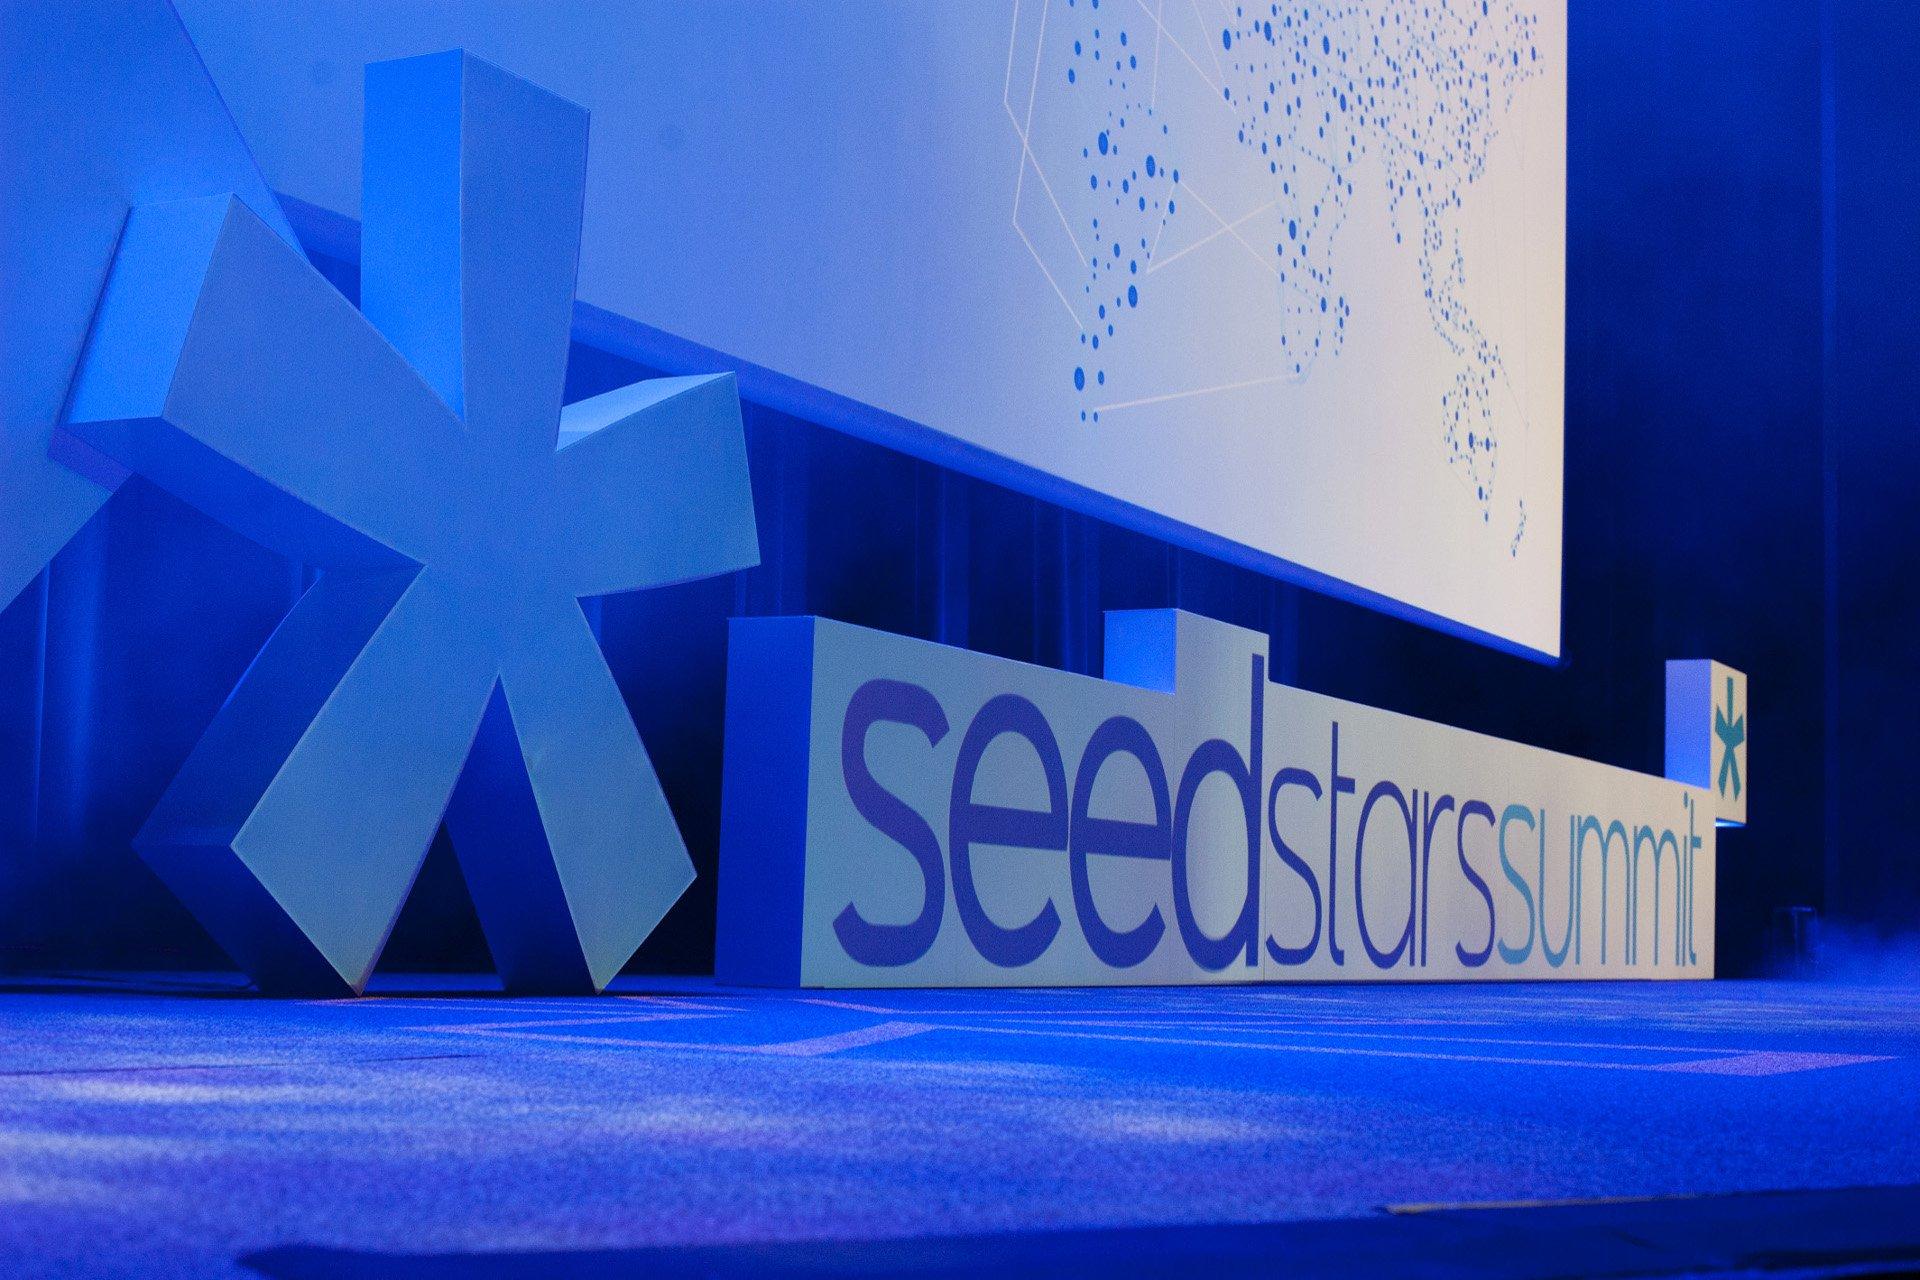 Վիվասել-ՄՏՍ. Seedstars մրցույթին դիմում-հայտ է ներկայացրել ավելի քան 50 ստարտափ